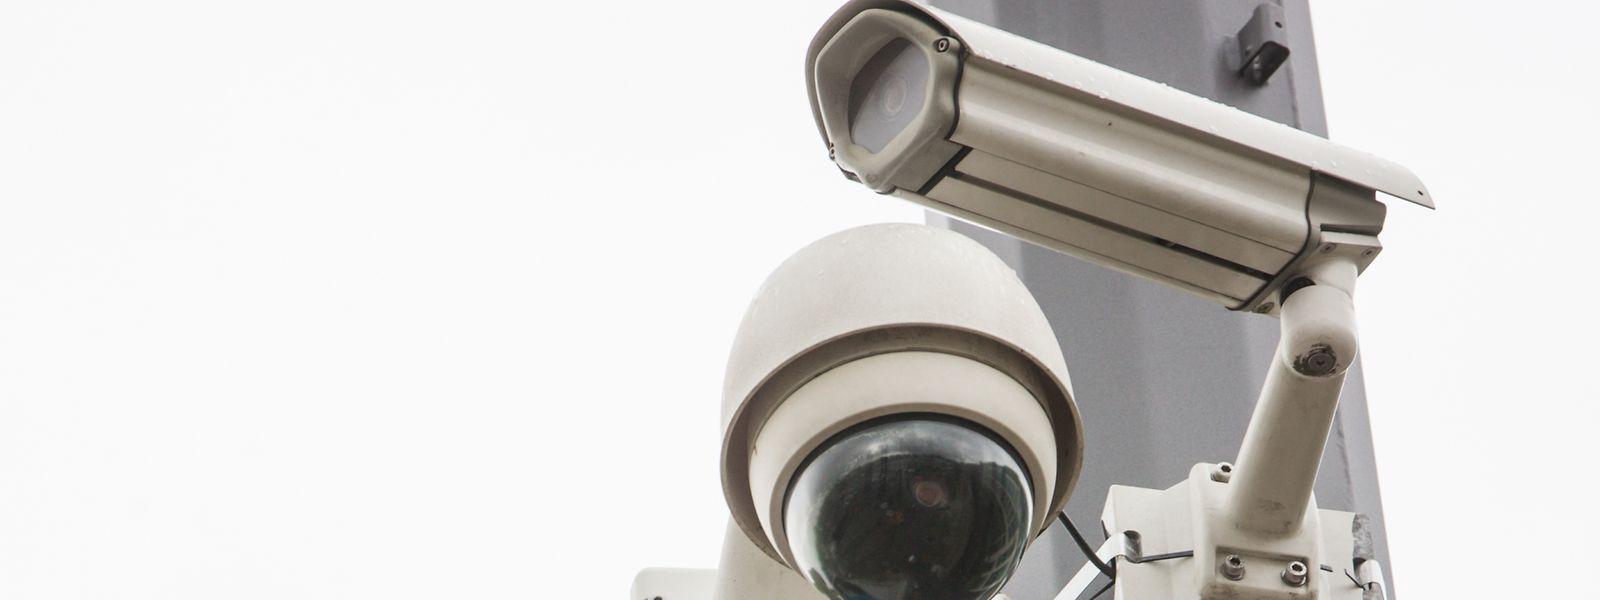 Quelques rues du quartier seront équipées en nouvelles caméras fin 2018 avant une nouvelle vague, plus importante, courant 2019.